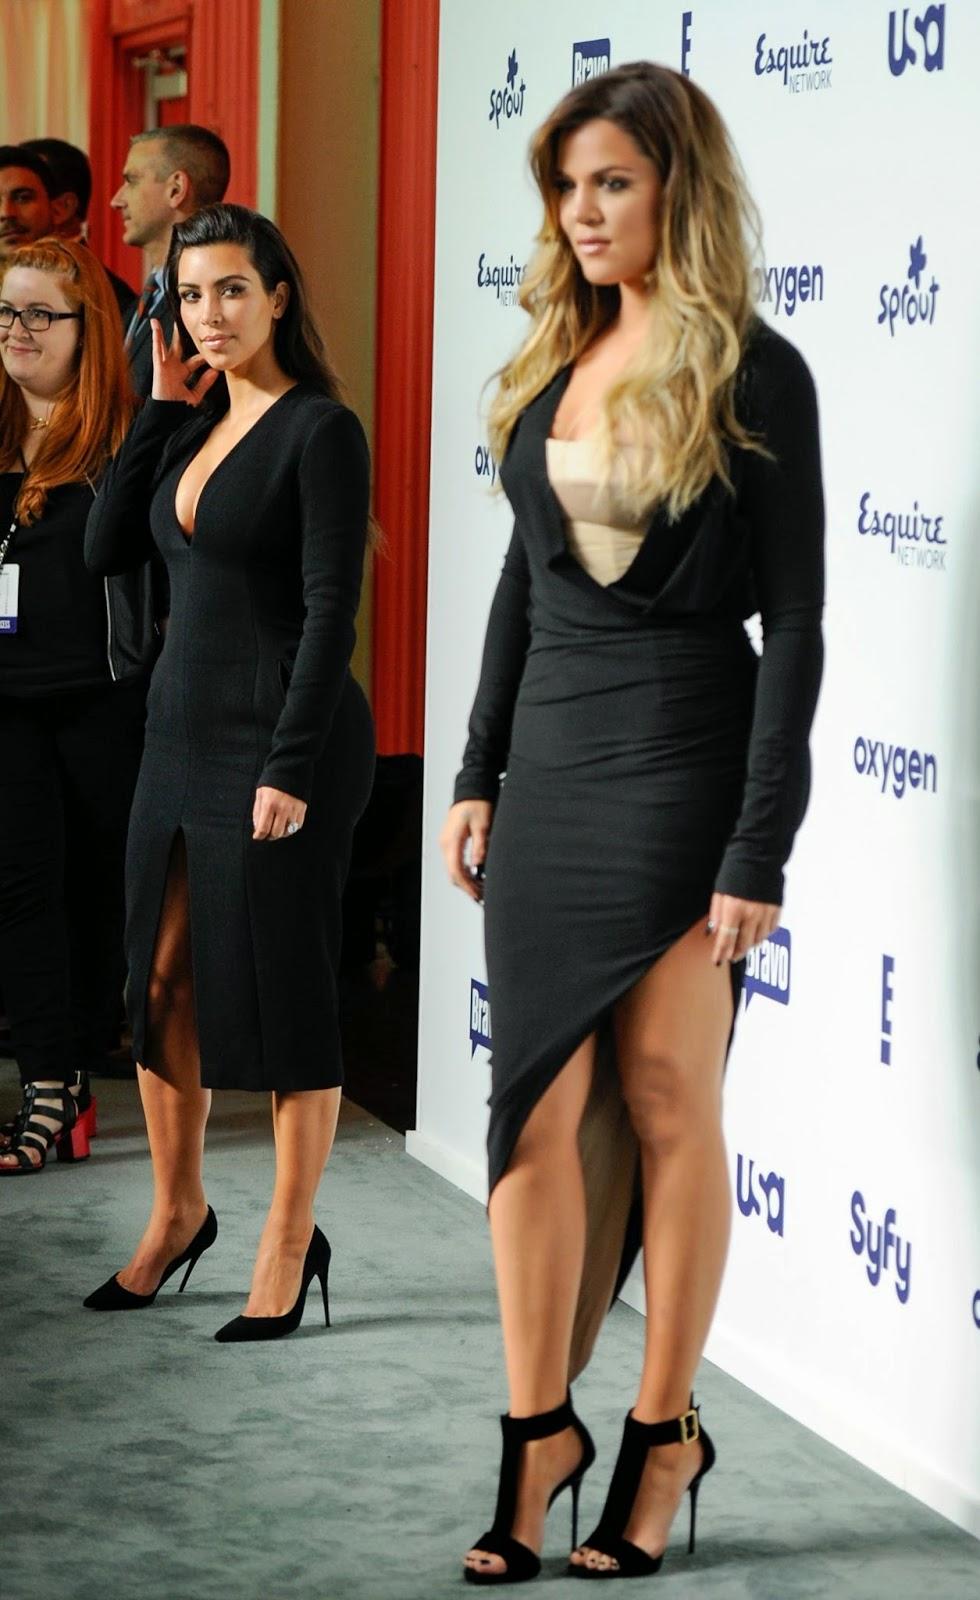 Khloe Kardashian at the 2014 NBCUniversal Upfronts